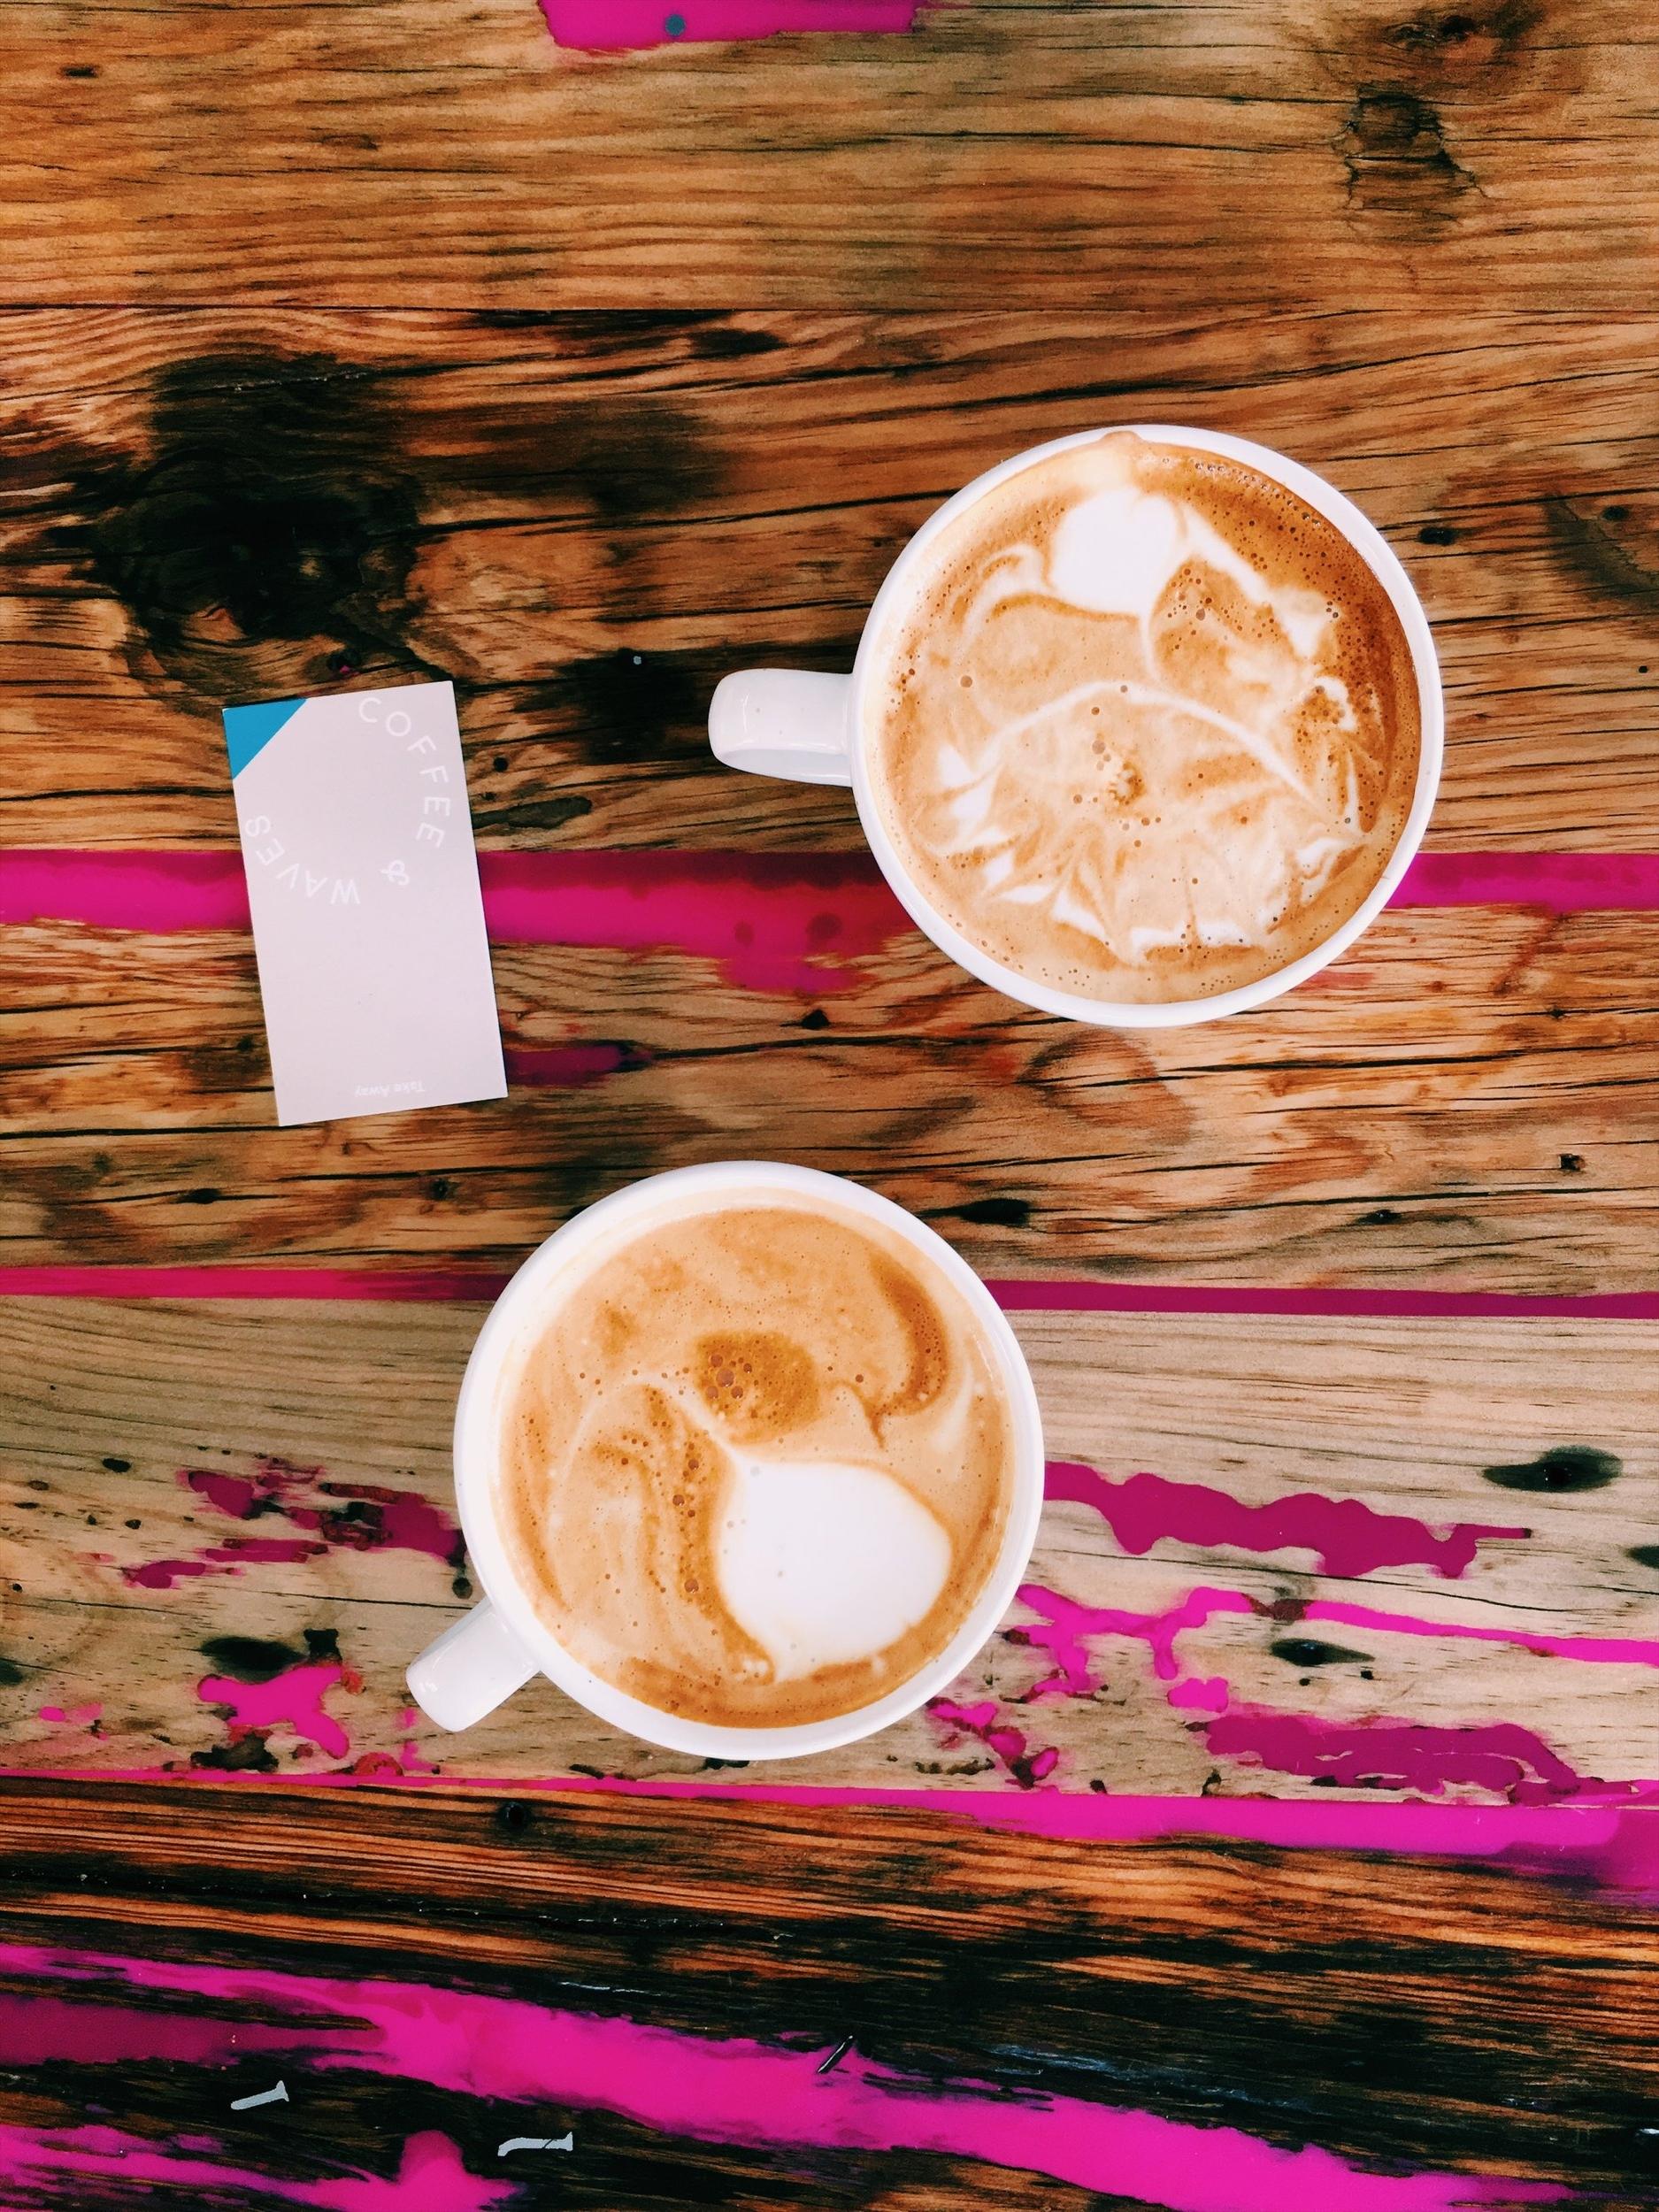 coffee-waves-best-coffee-Lagos-Portugal.jpg